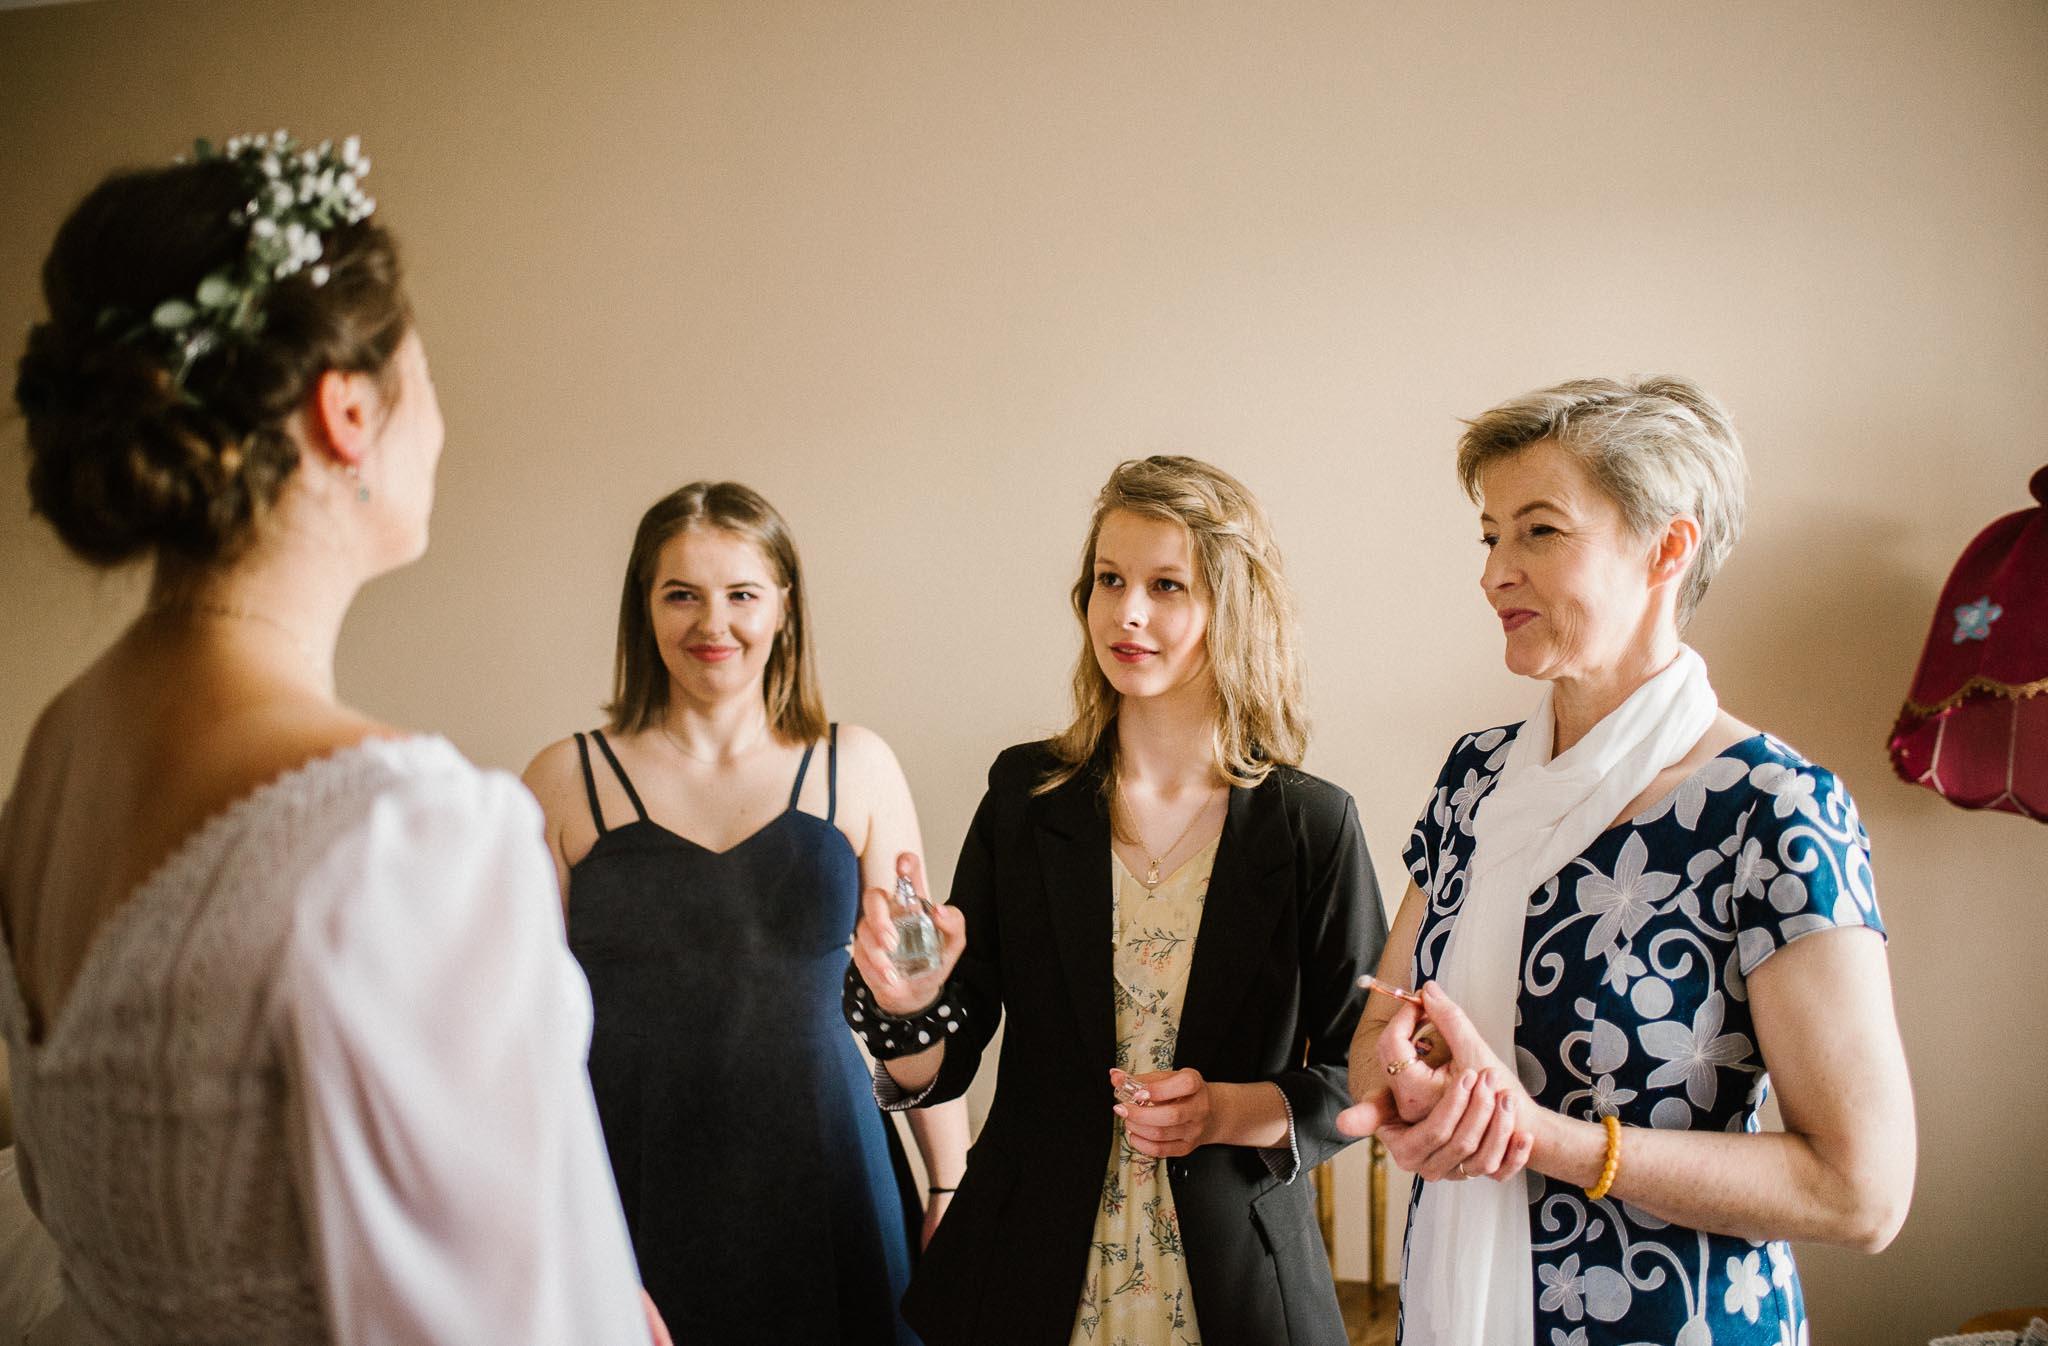 Kobiety oglądają pannę młodą w sukni ślubnej - sesja ślubna reportaż Żuczki Inowrocław